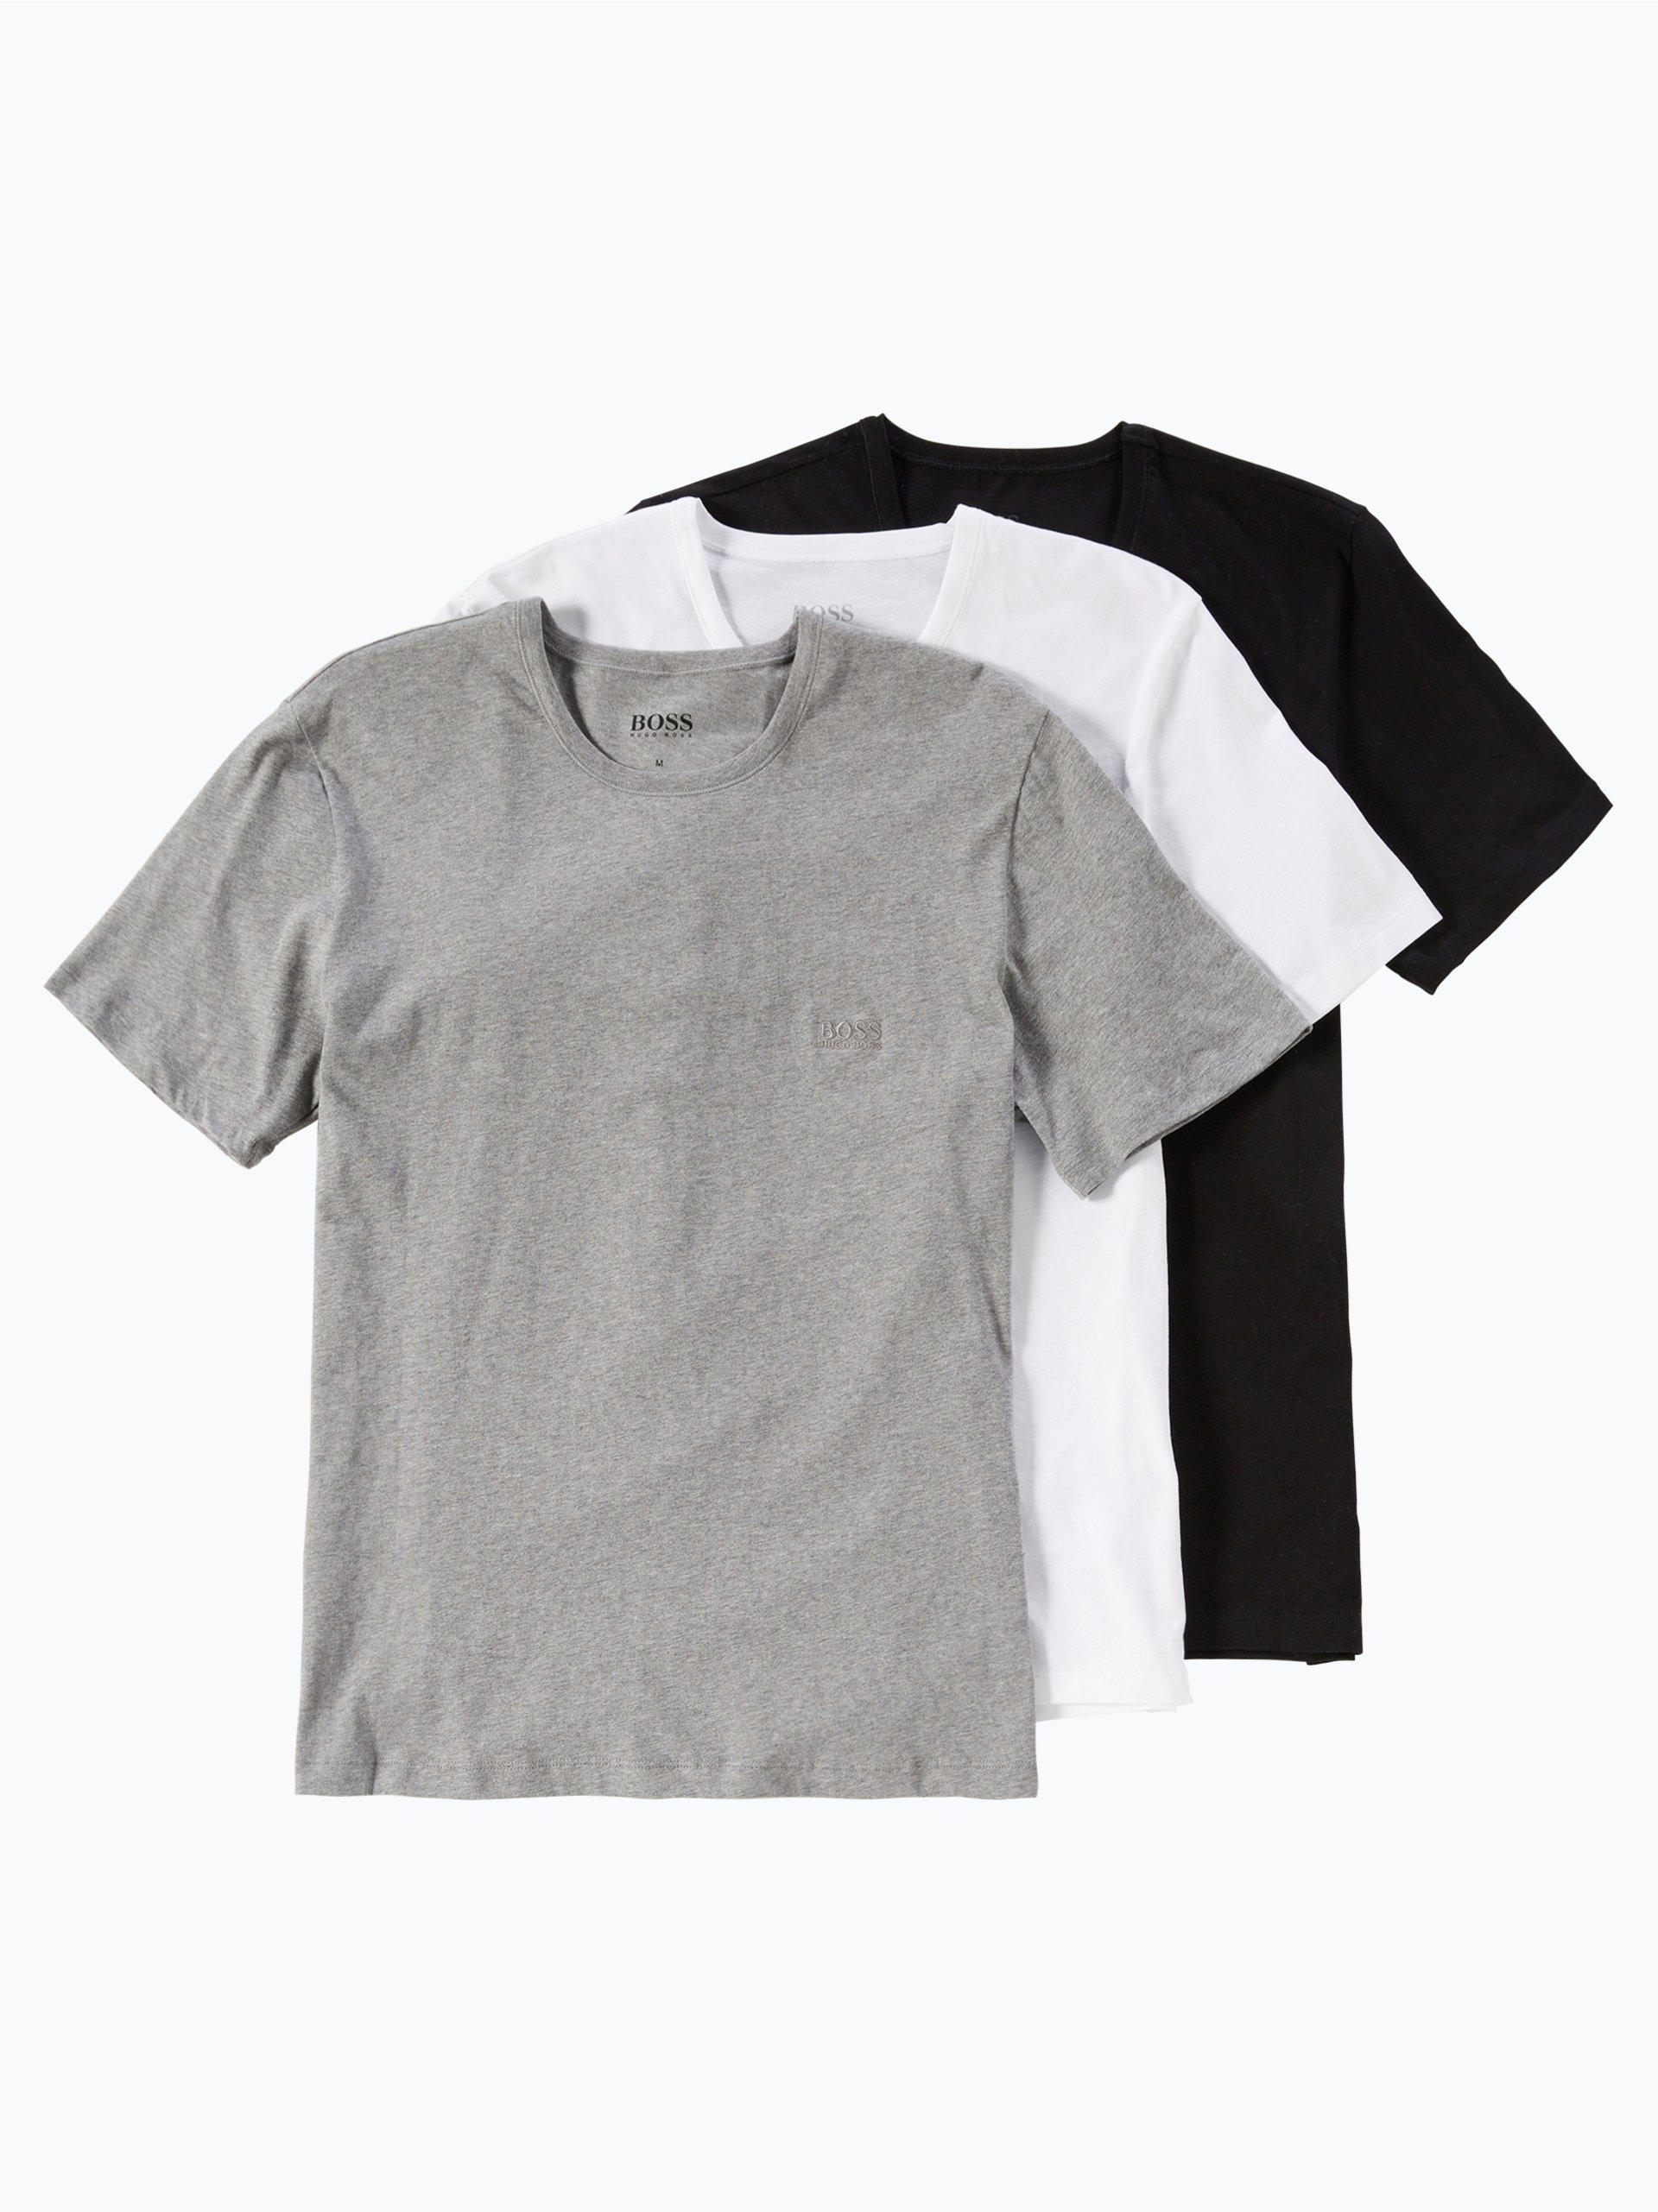 BOSS Herren T-Shirt im 3er-Pack